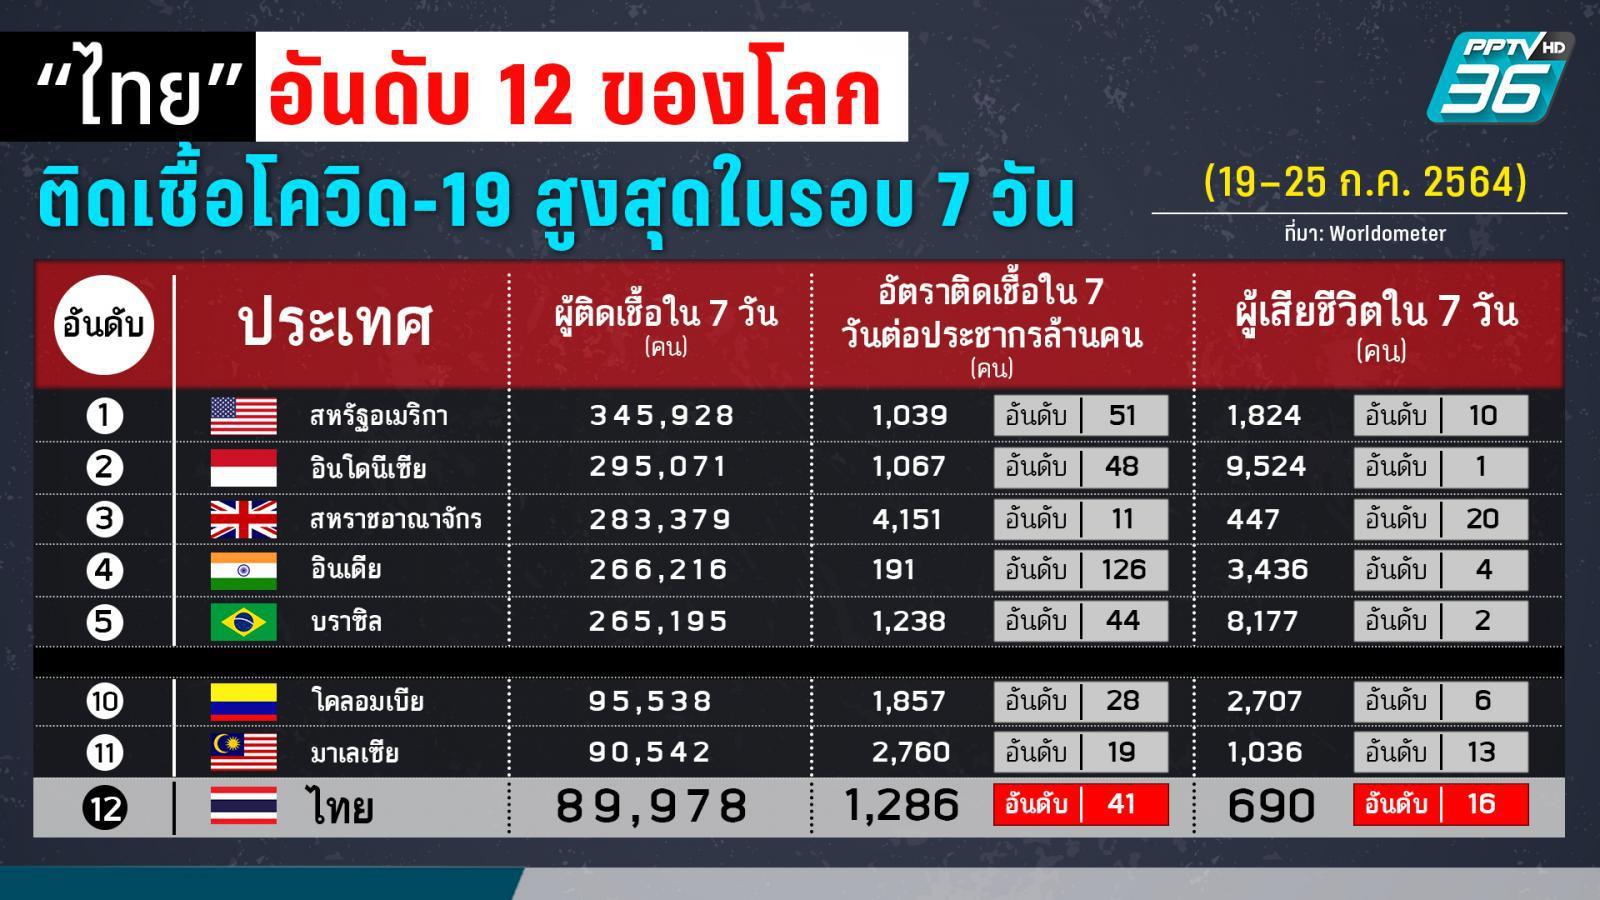 ยอดติดโควิด-19 ของไทยรอบสัปดาห์ (19-25 ก.ค.) สูงเป็นอันดับ 12 ของโลก